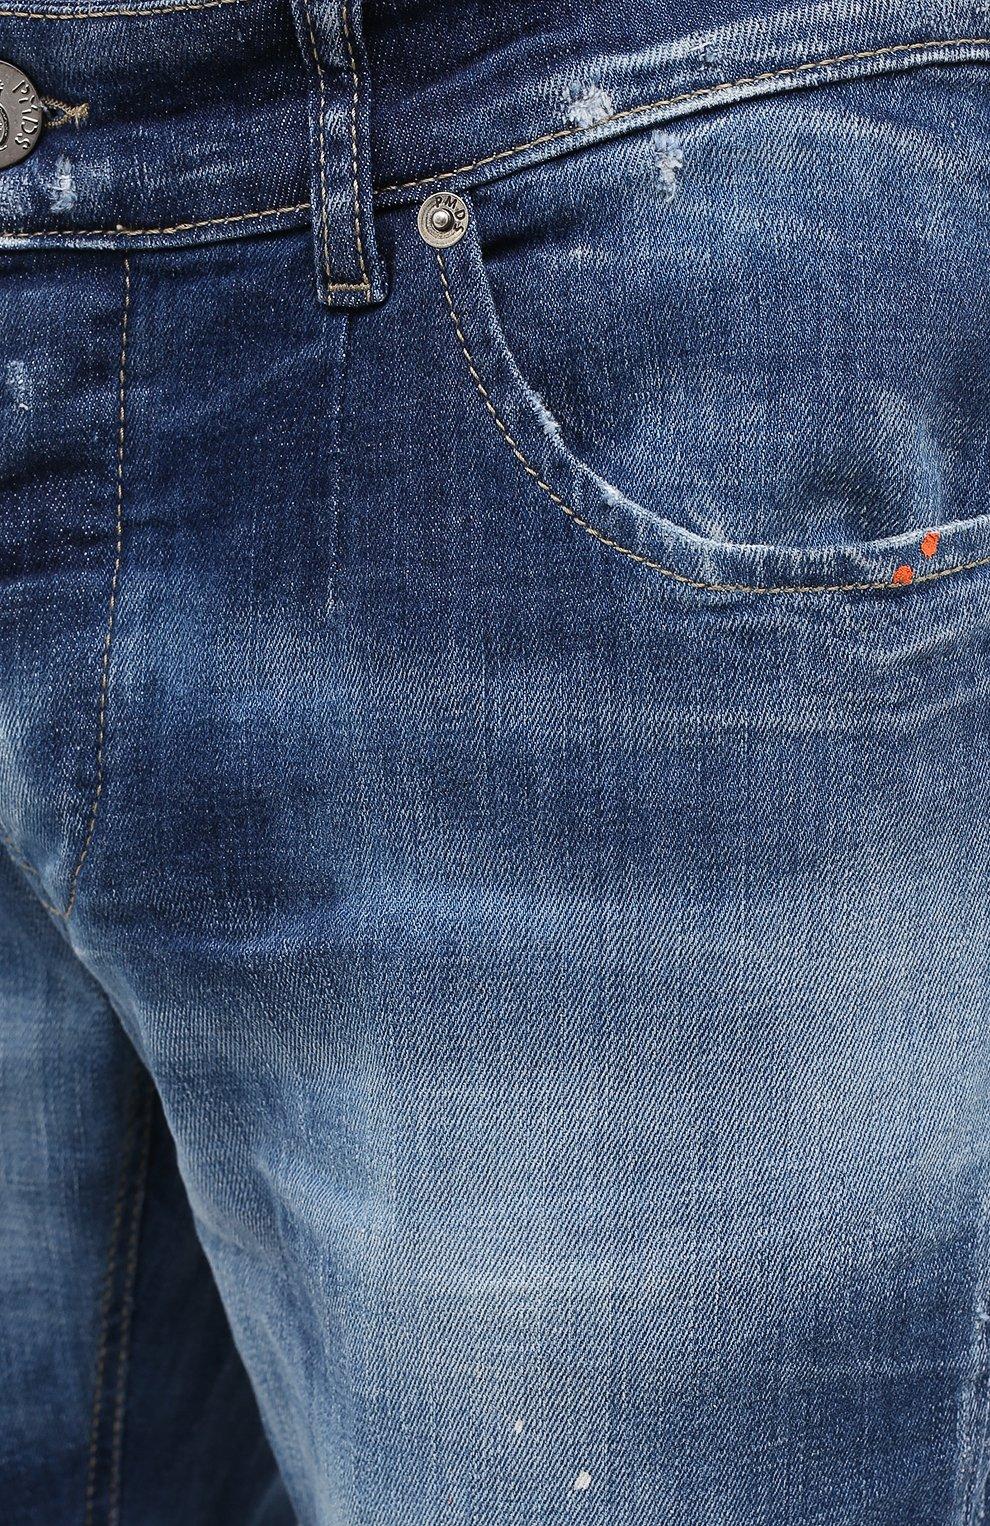 Мужские джинсы PREMIUM MOOD DENIM SUPERIOR синего цвета, арт. F21 347240074/RICHARD   Фото 5